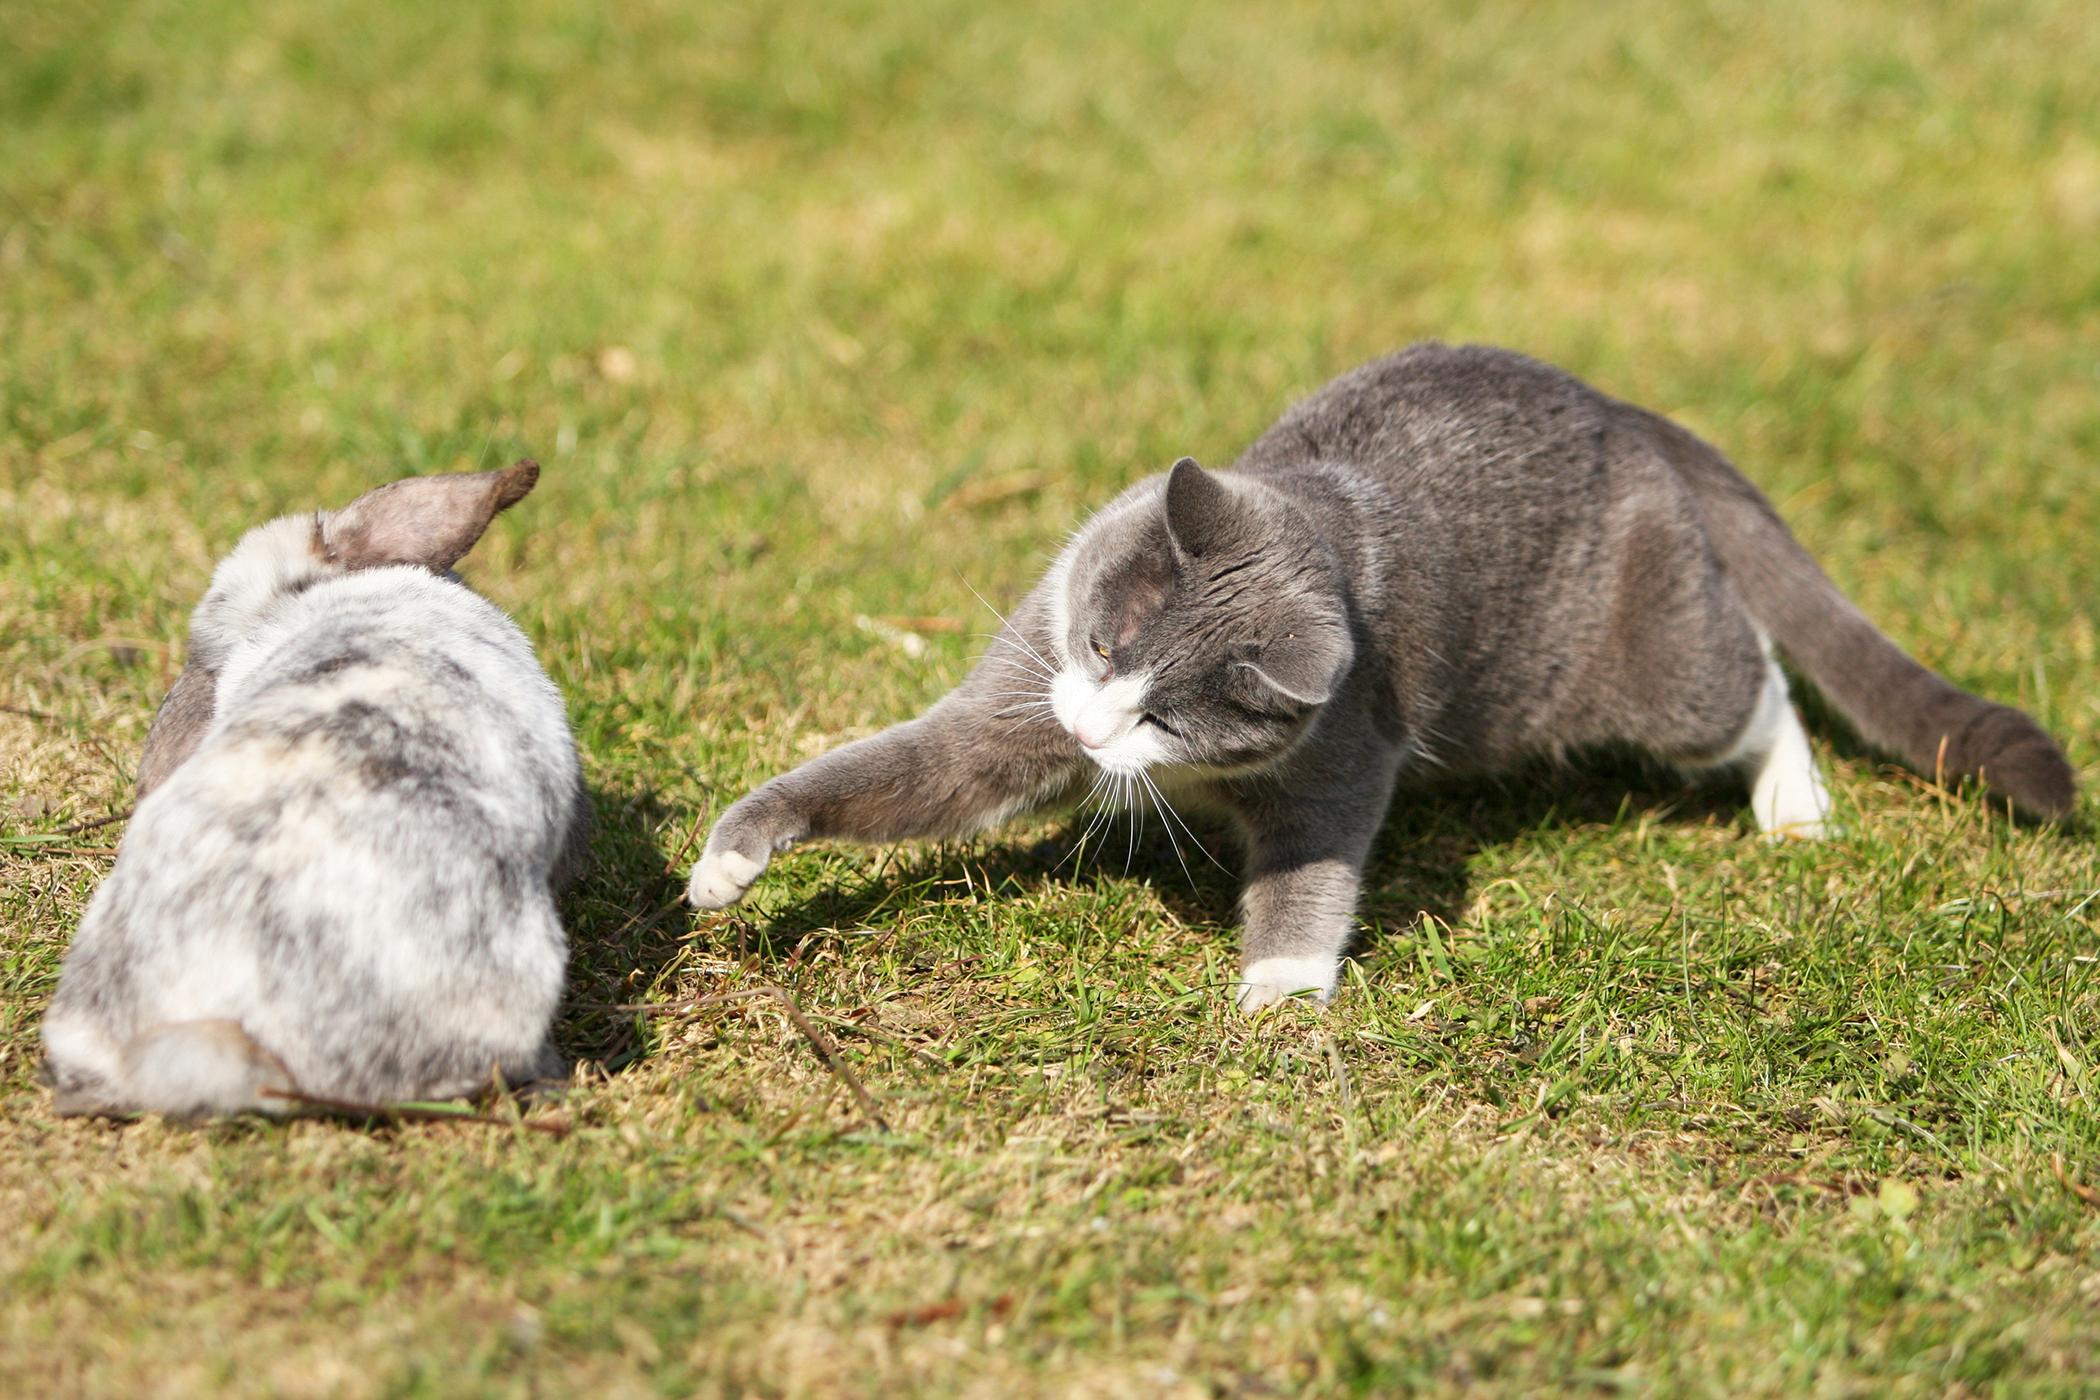 Rabbit Allergy in Cats